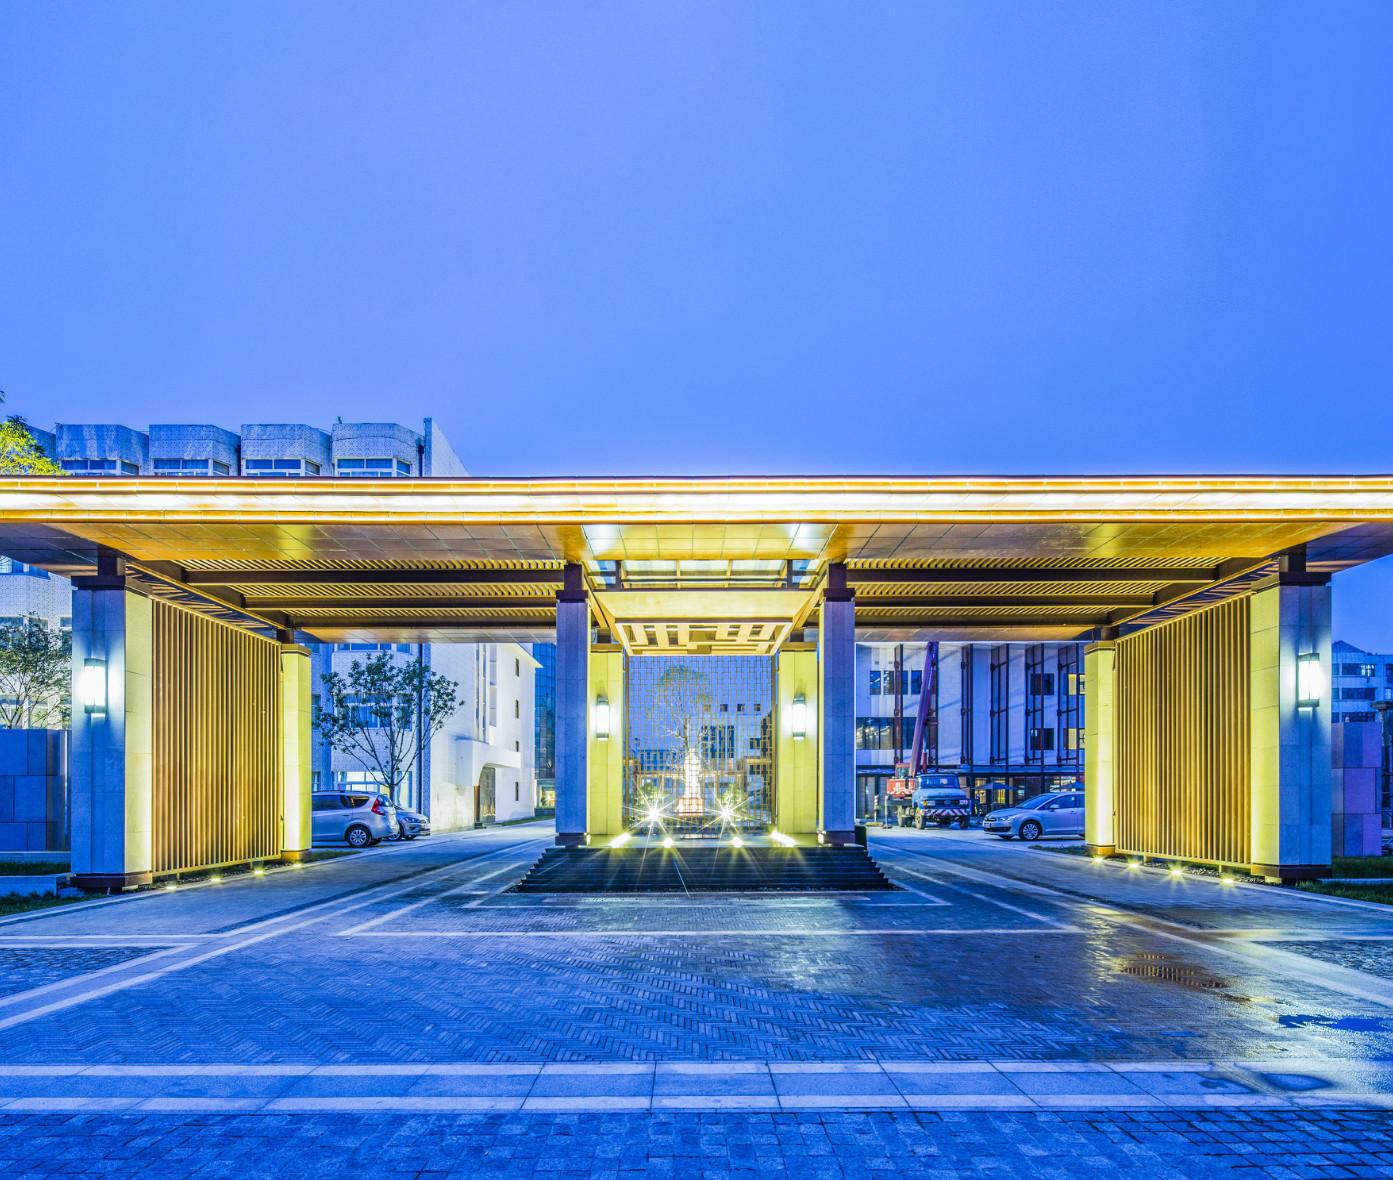 聊城东阿阿胶生物科技园(酒店)